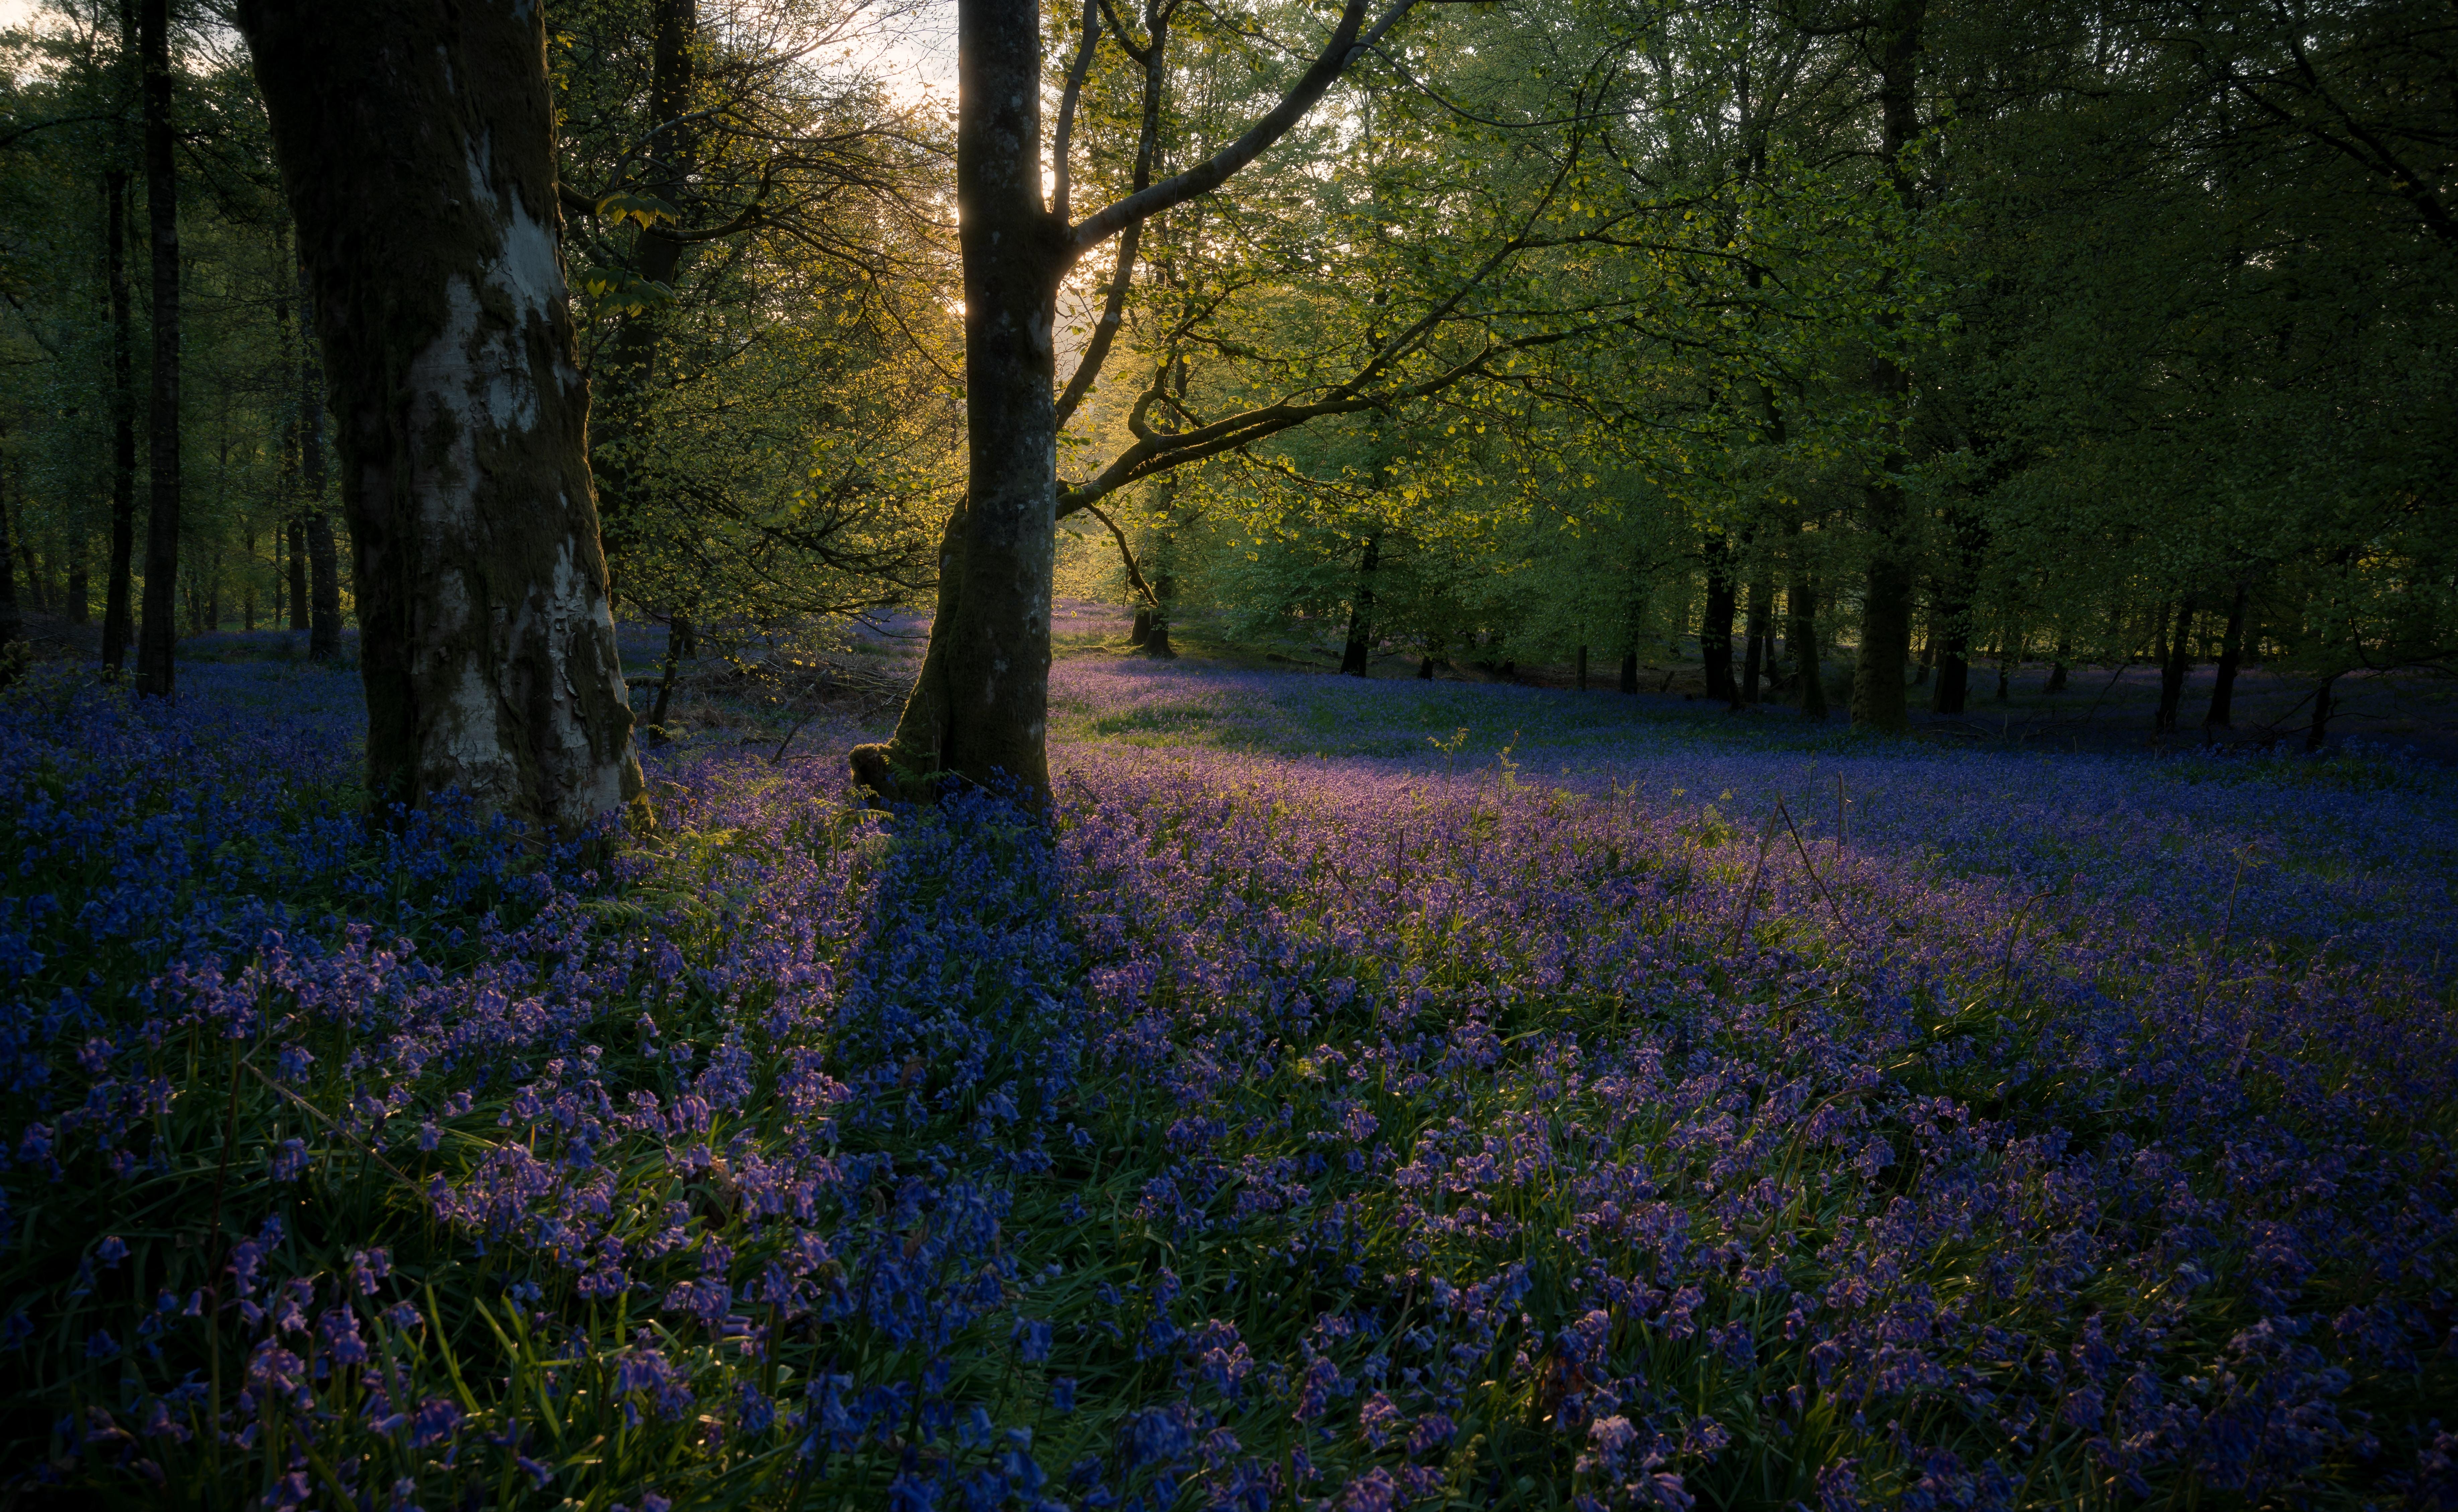 purple flowers in forest